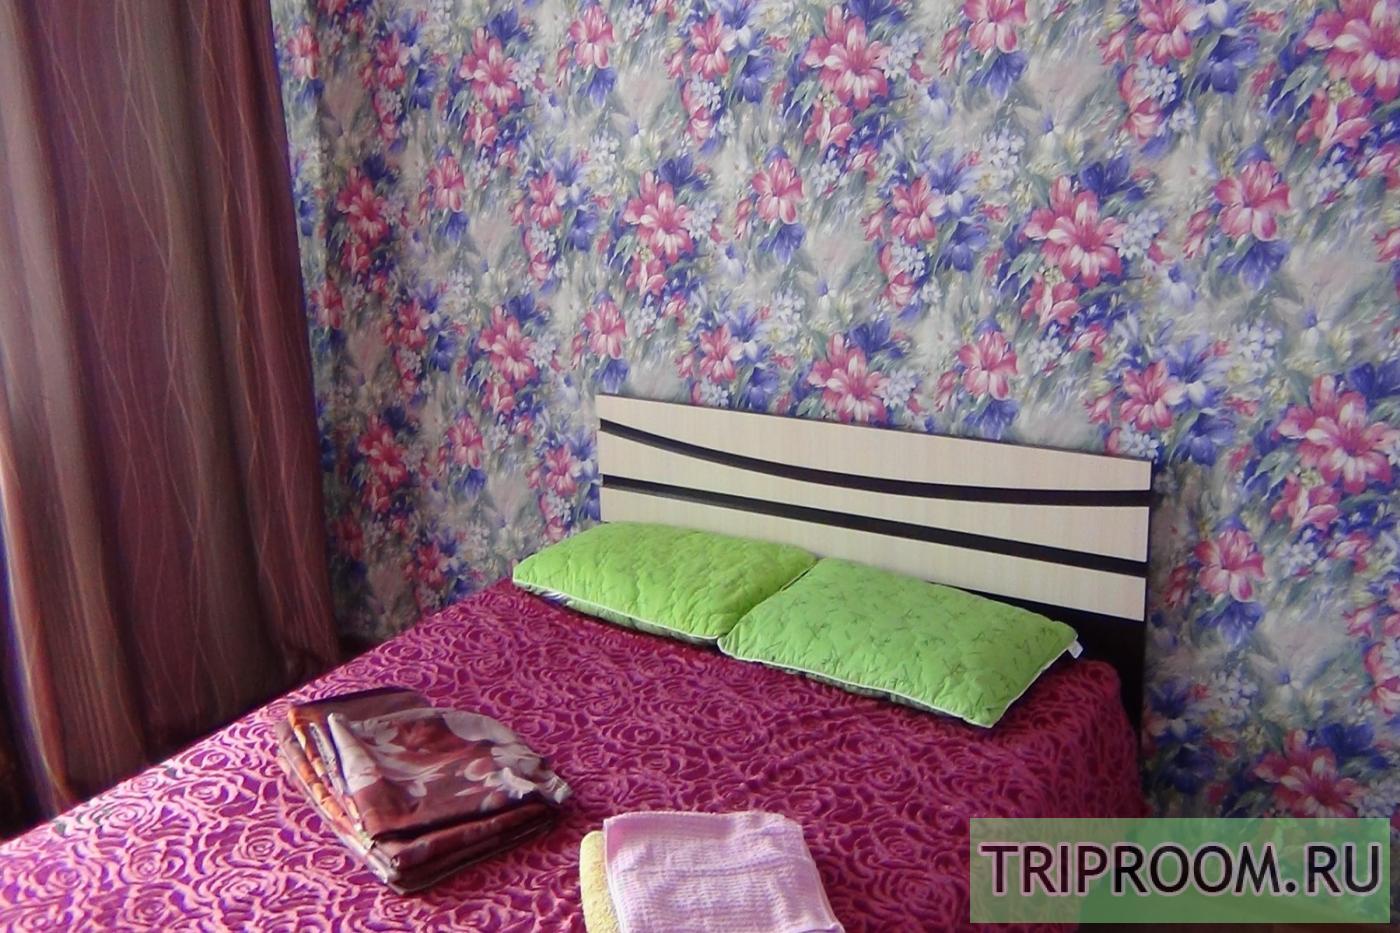 2-комнатная квартира посуточно (вариант № 2611), ул. Байкальская улица, фото № 3